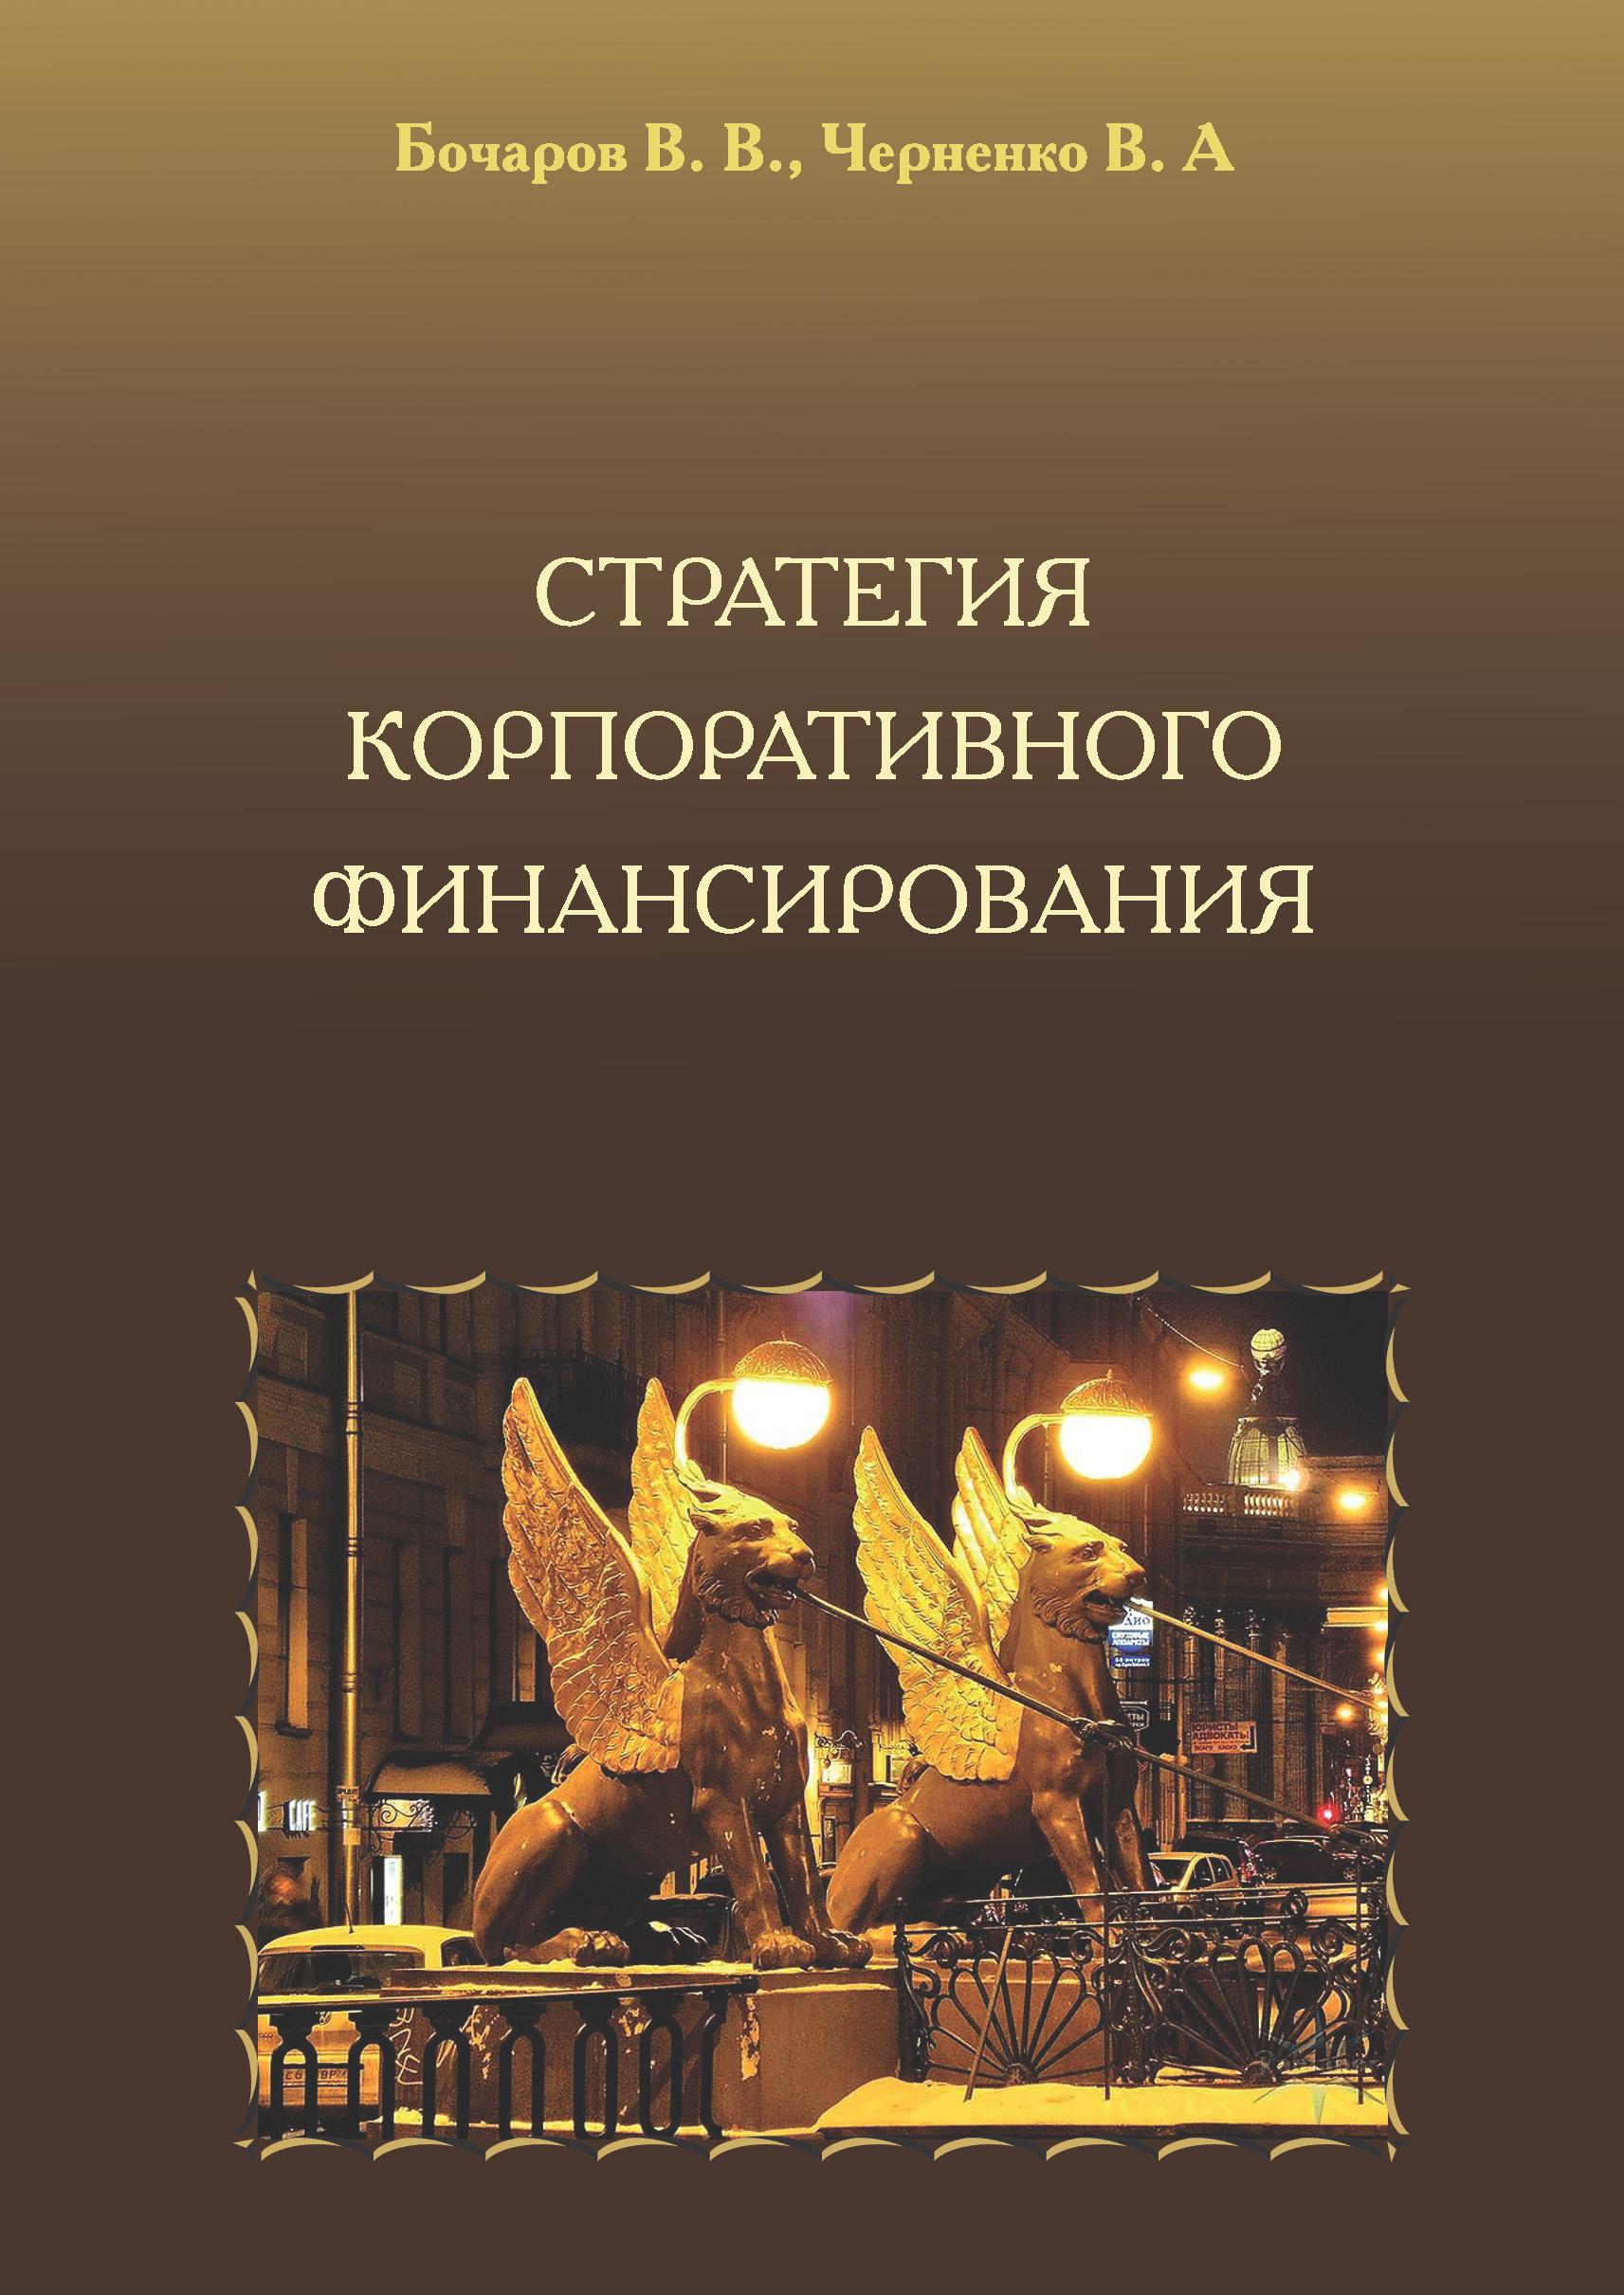 Владимир Анатольевич Черненко Стратегия корпоративного финансирования е б мицек эконометрические и статистические оценки инвестиций в основной капитал в регионах россии